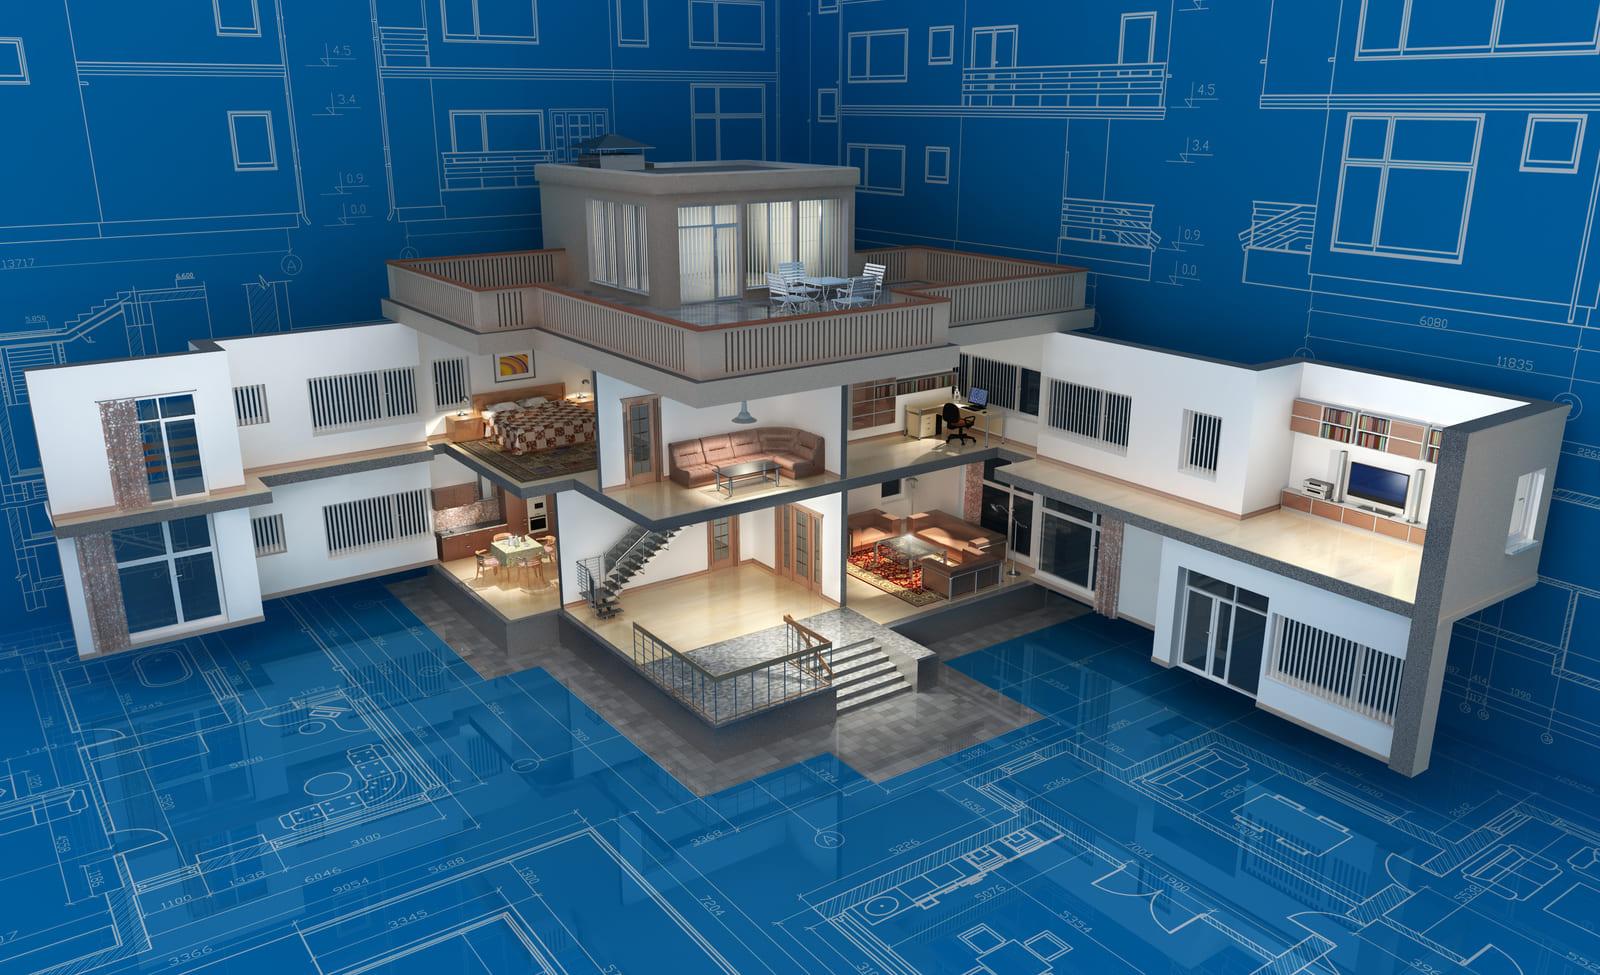 Examples of 3D Floor Plans